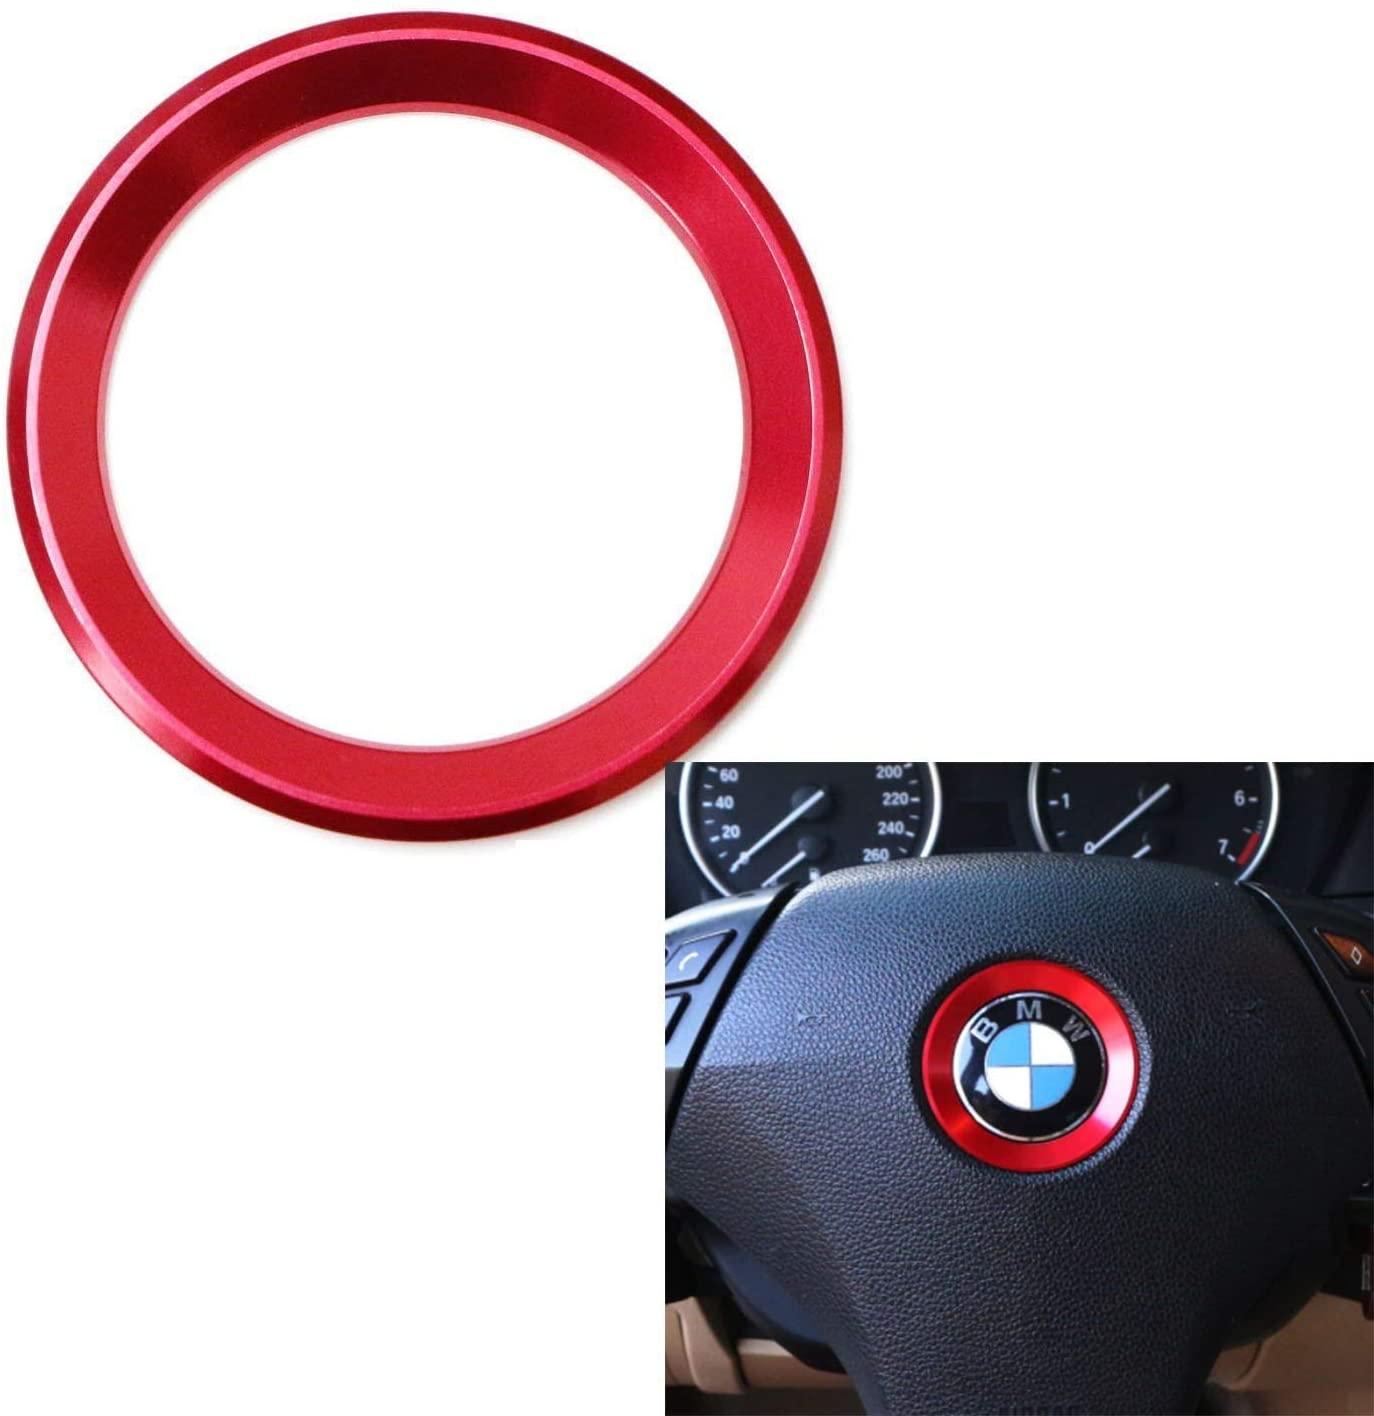 DEMILLO Aluminum Steering Wheel Center Decoration Cover Trim For BMW 1 2 3 4 5 6 Series X4 X 5 X6 (F20 F21 F22 F23 F30 F31 F32 F33 F35 F36 F10 F11 F12 F13 F26 F15 F16) (red)